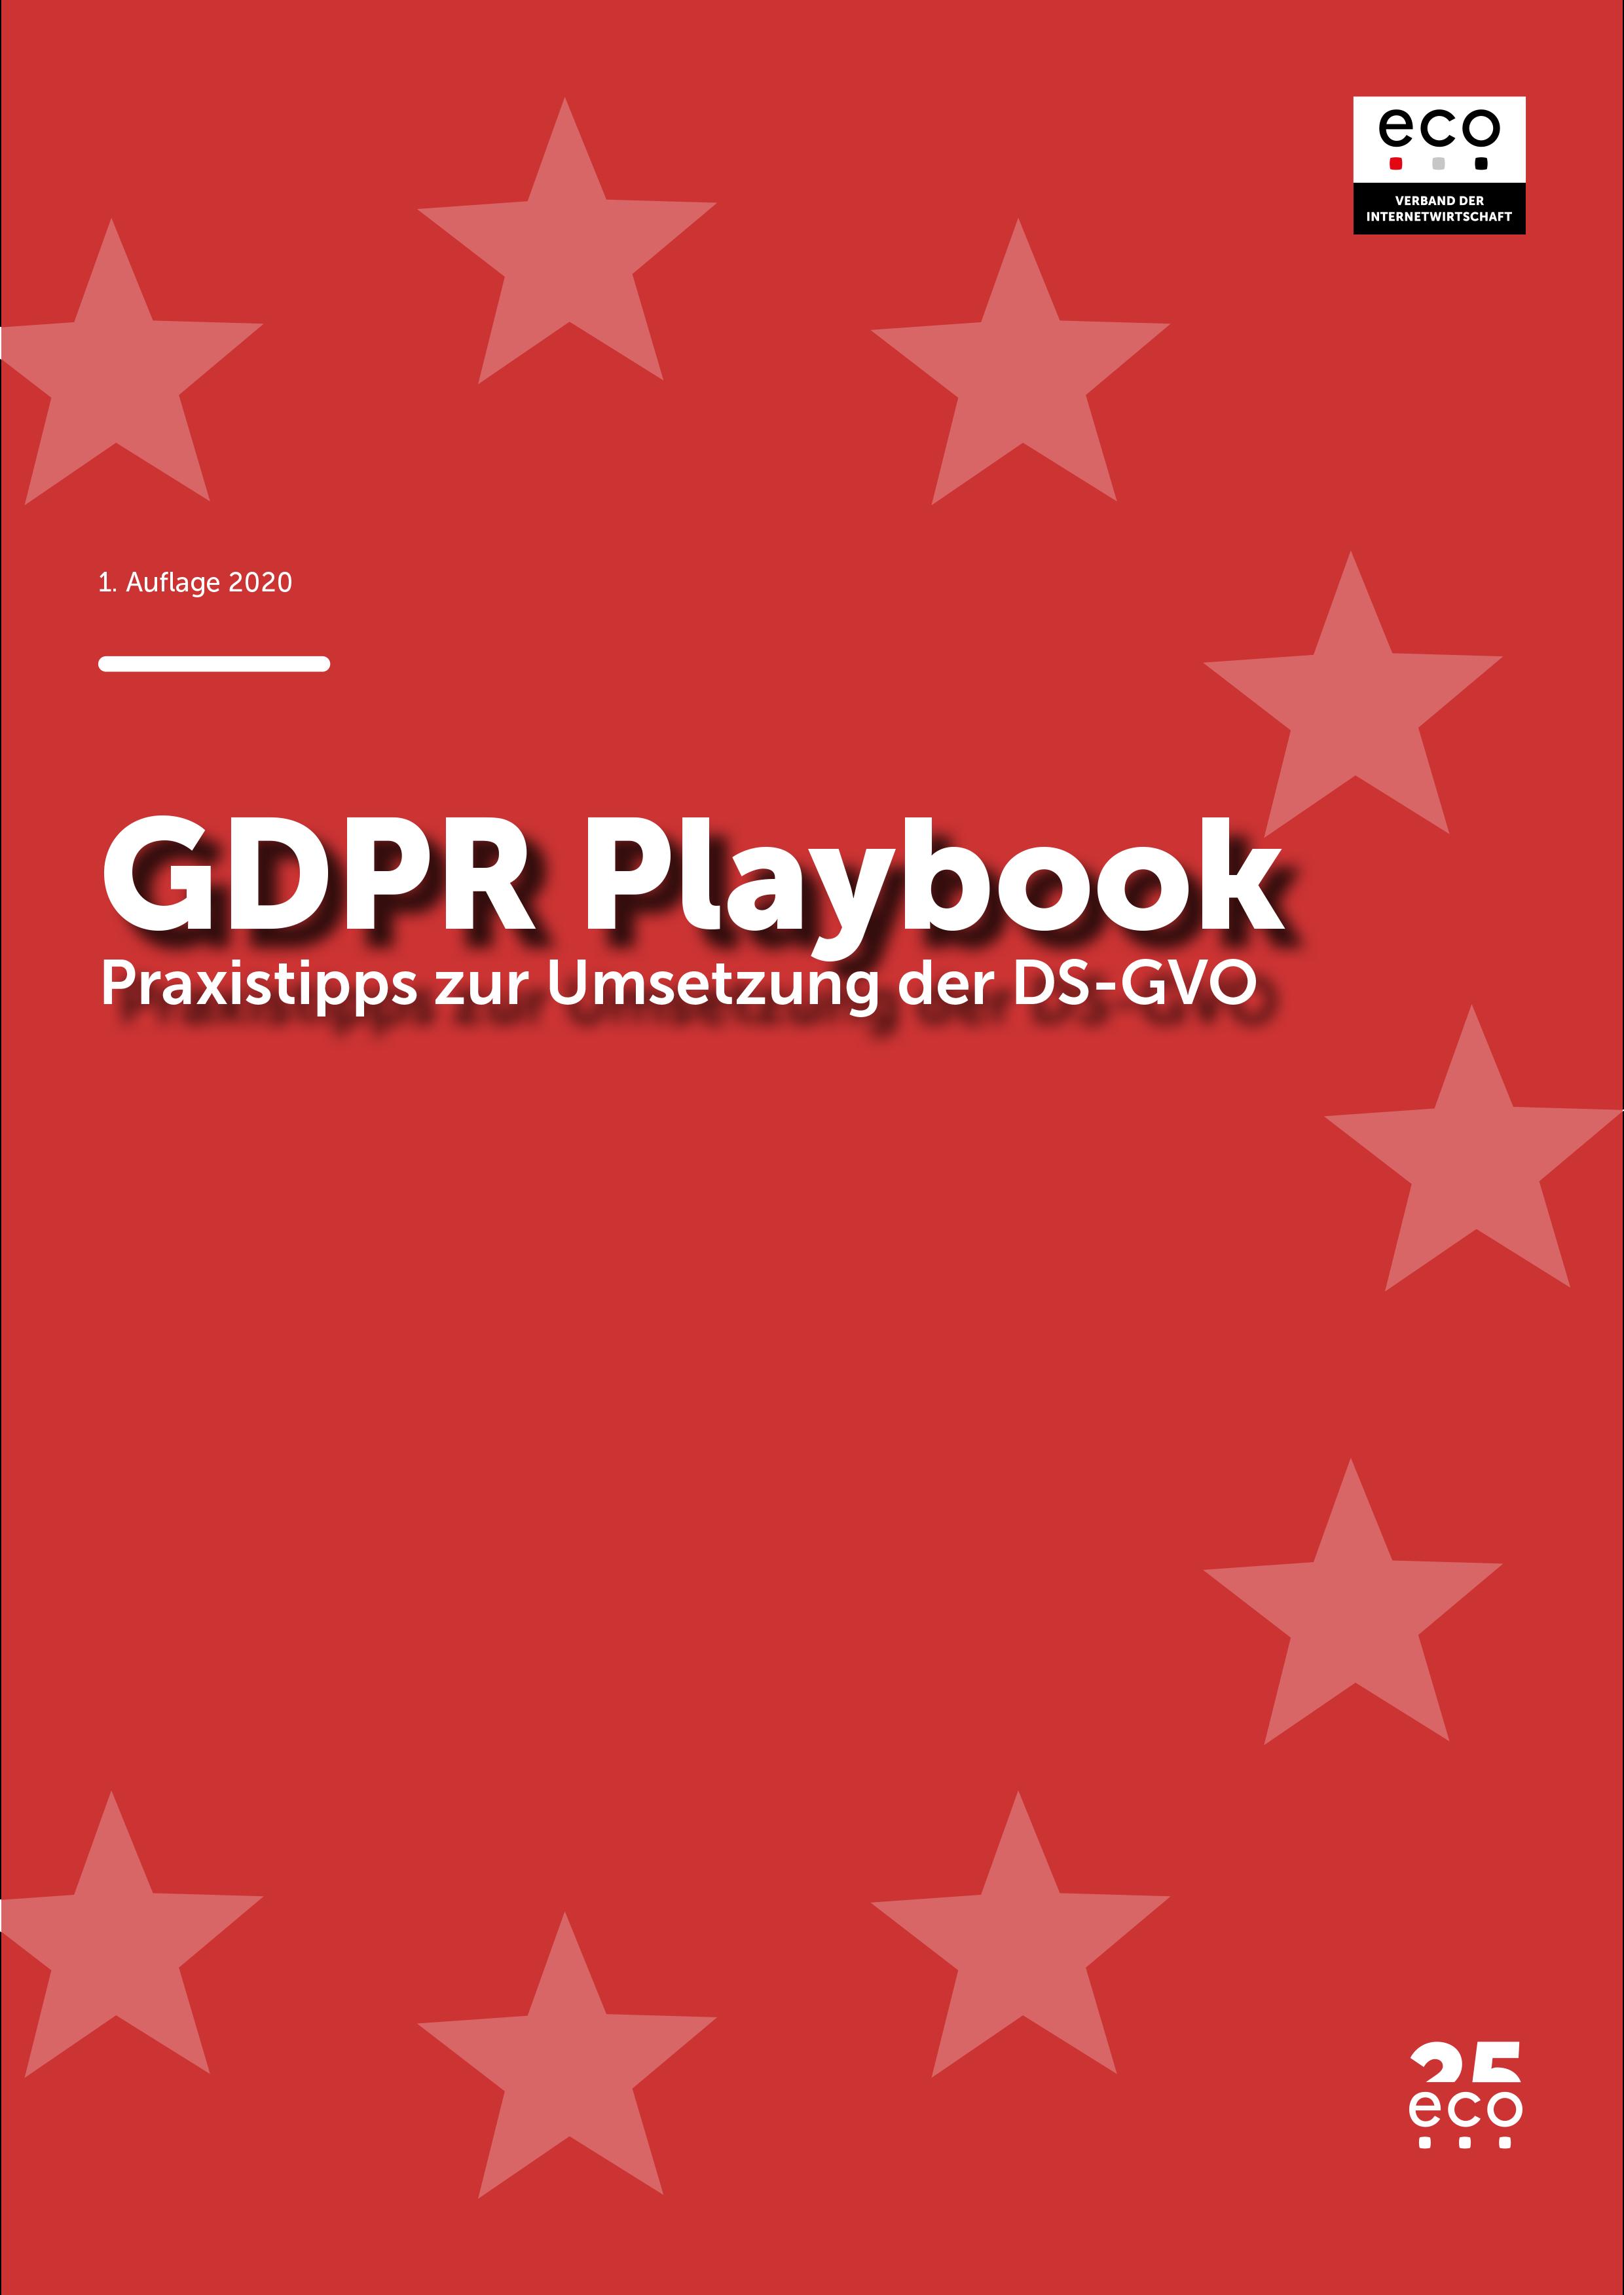 Datenschutz & DSGVO: GDPR Playbook 2020 & Whitepaper-Reihe exklusiv für Mitglieder